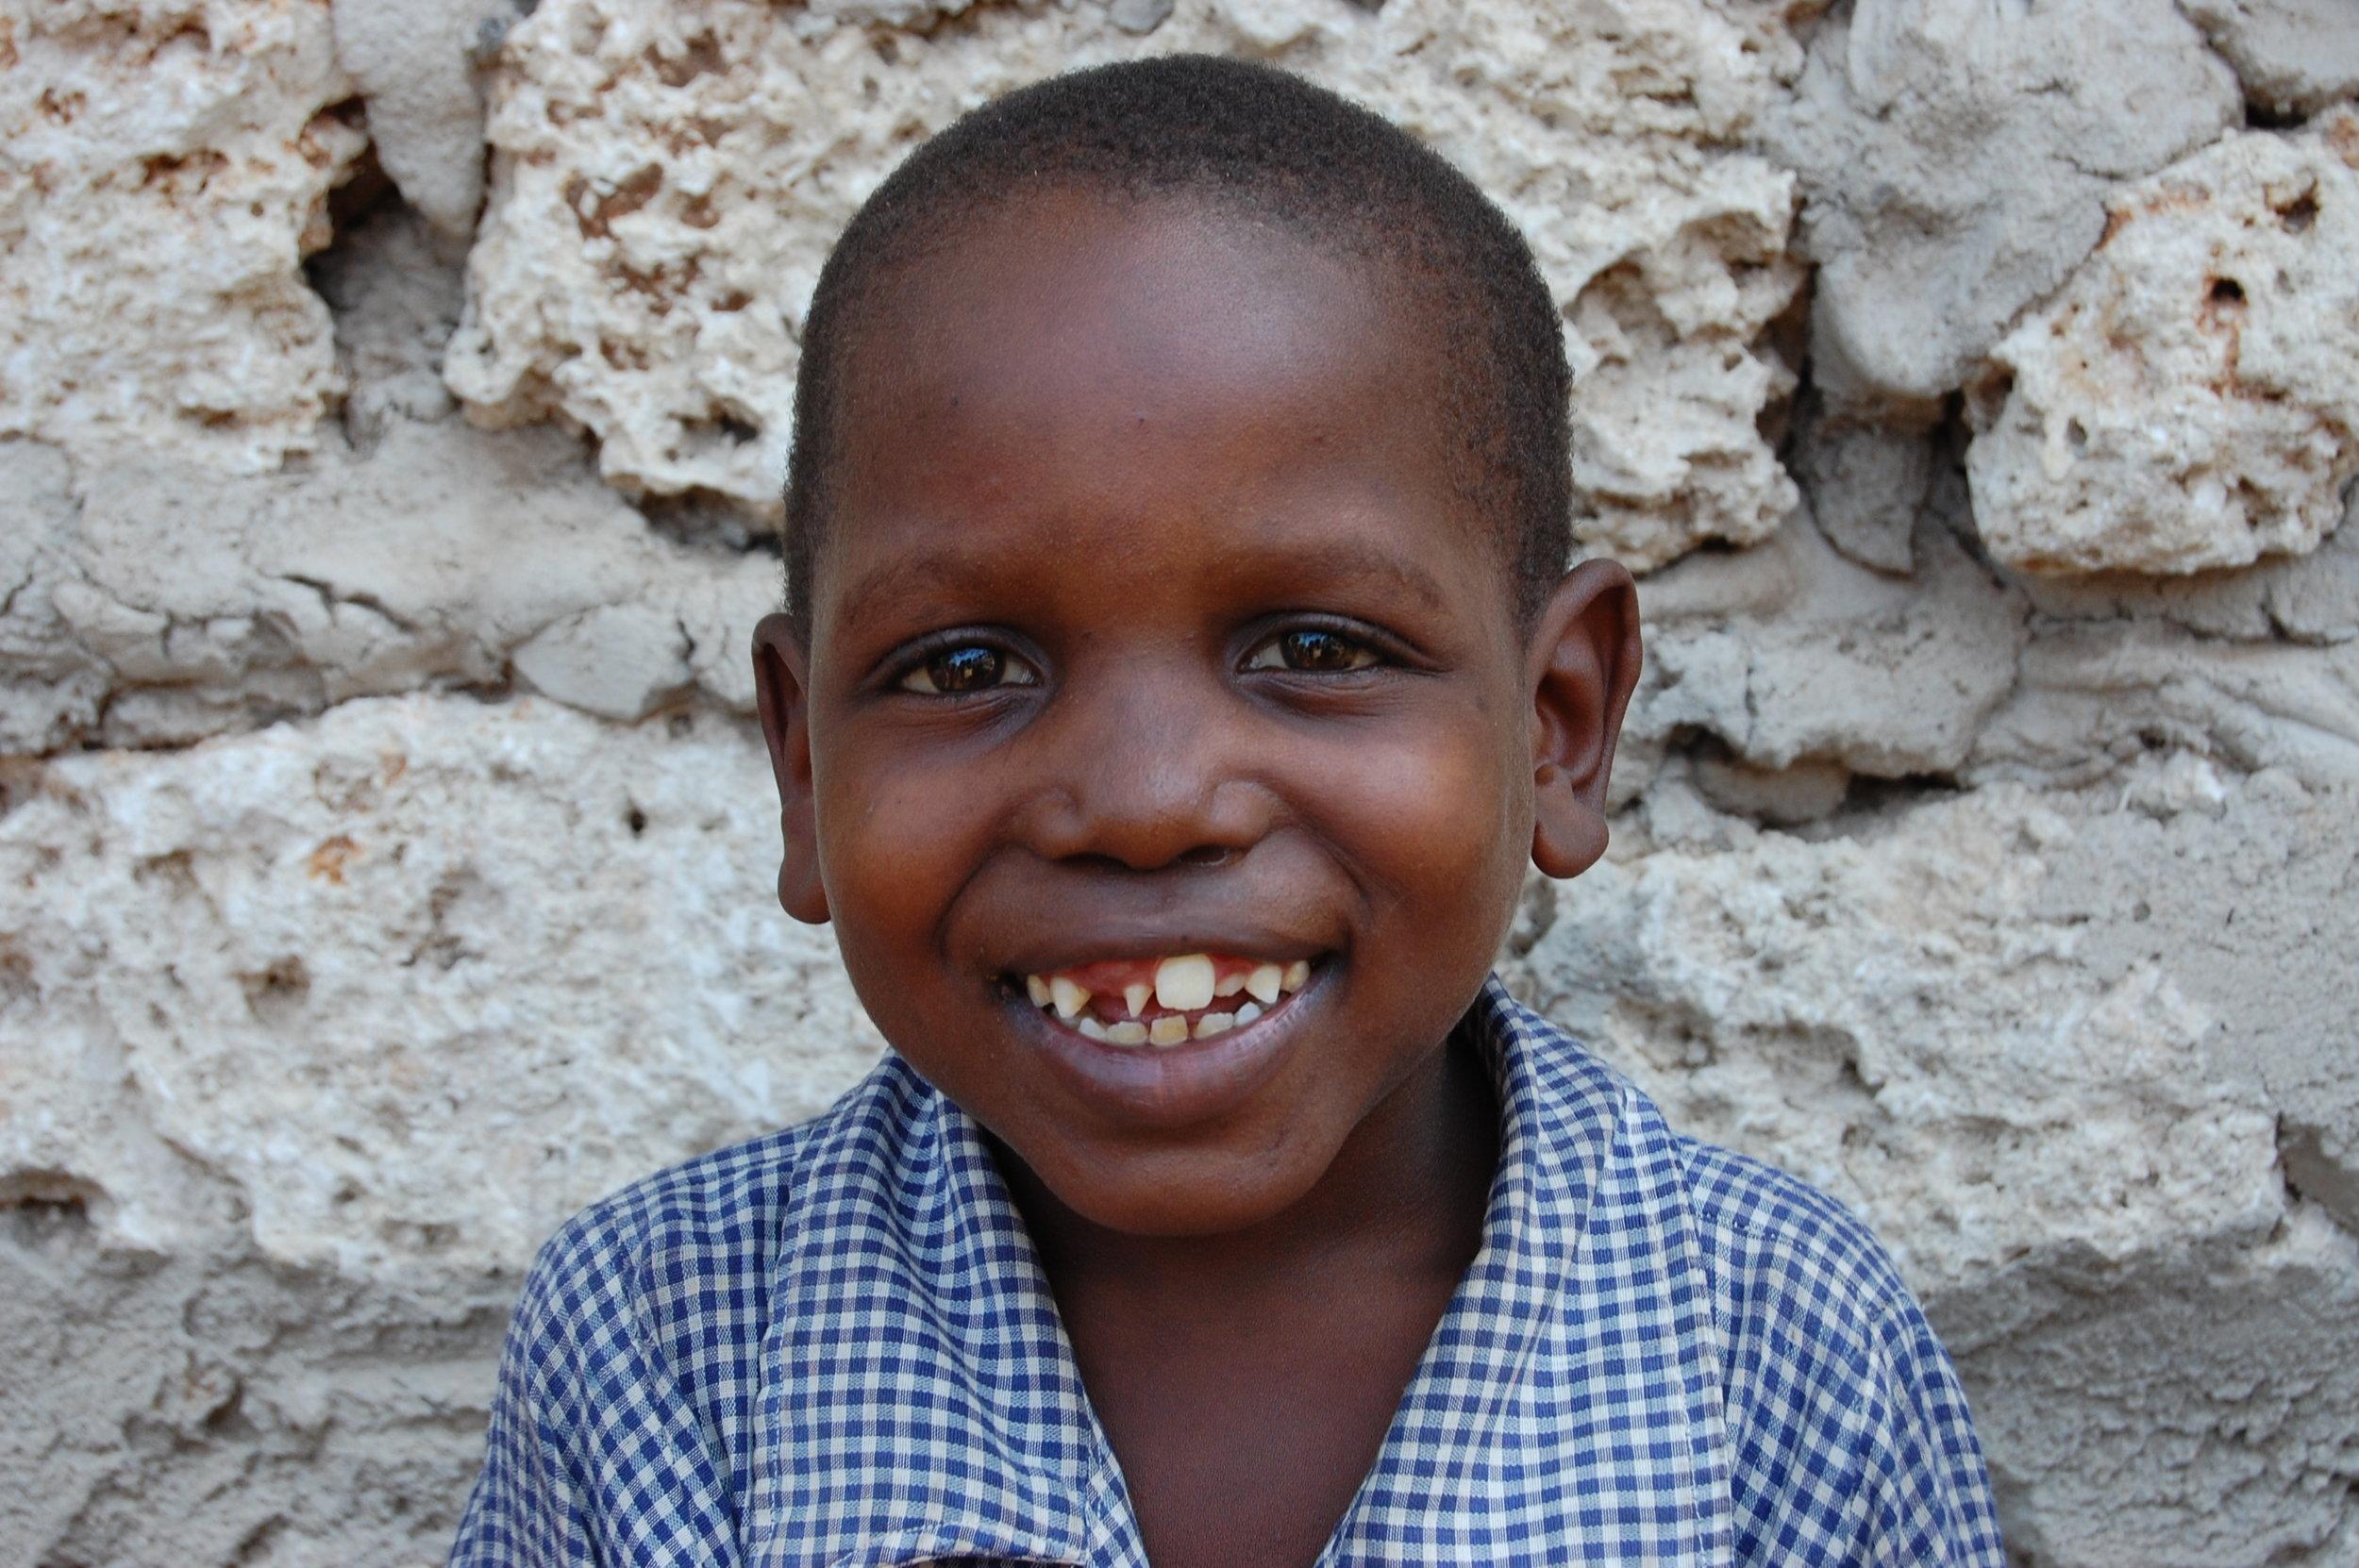 2012-kinderen-stichting-likoni-onderneemt-kenia-mombassa-school-kleinschalig-goed-doel (15).JPG